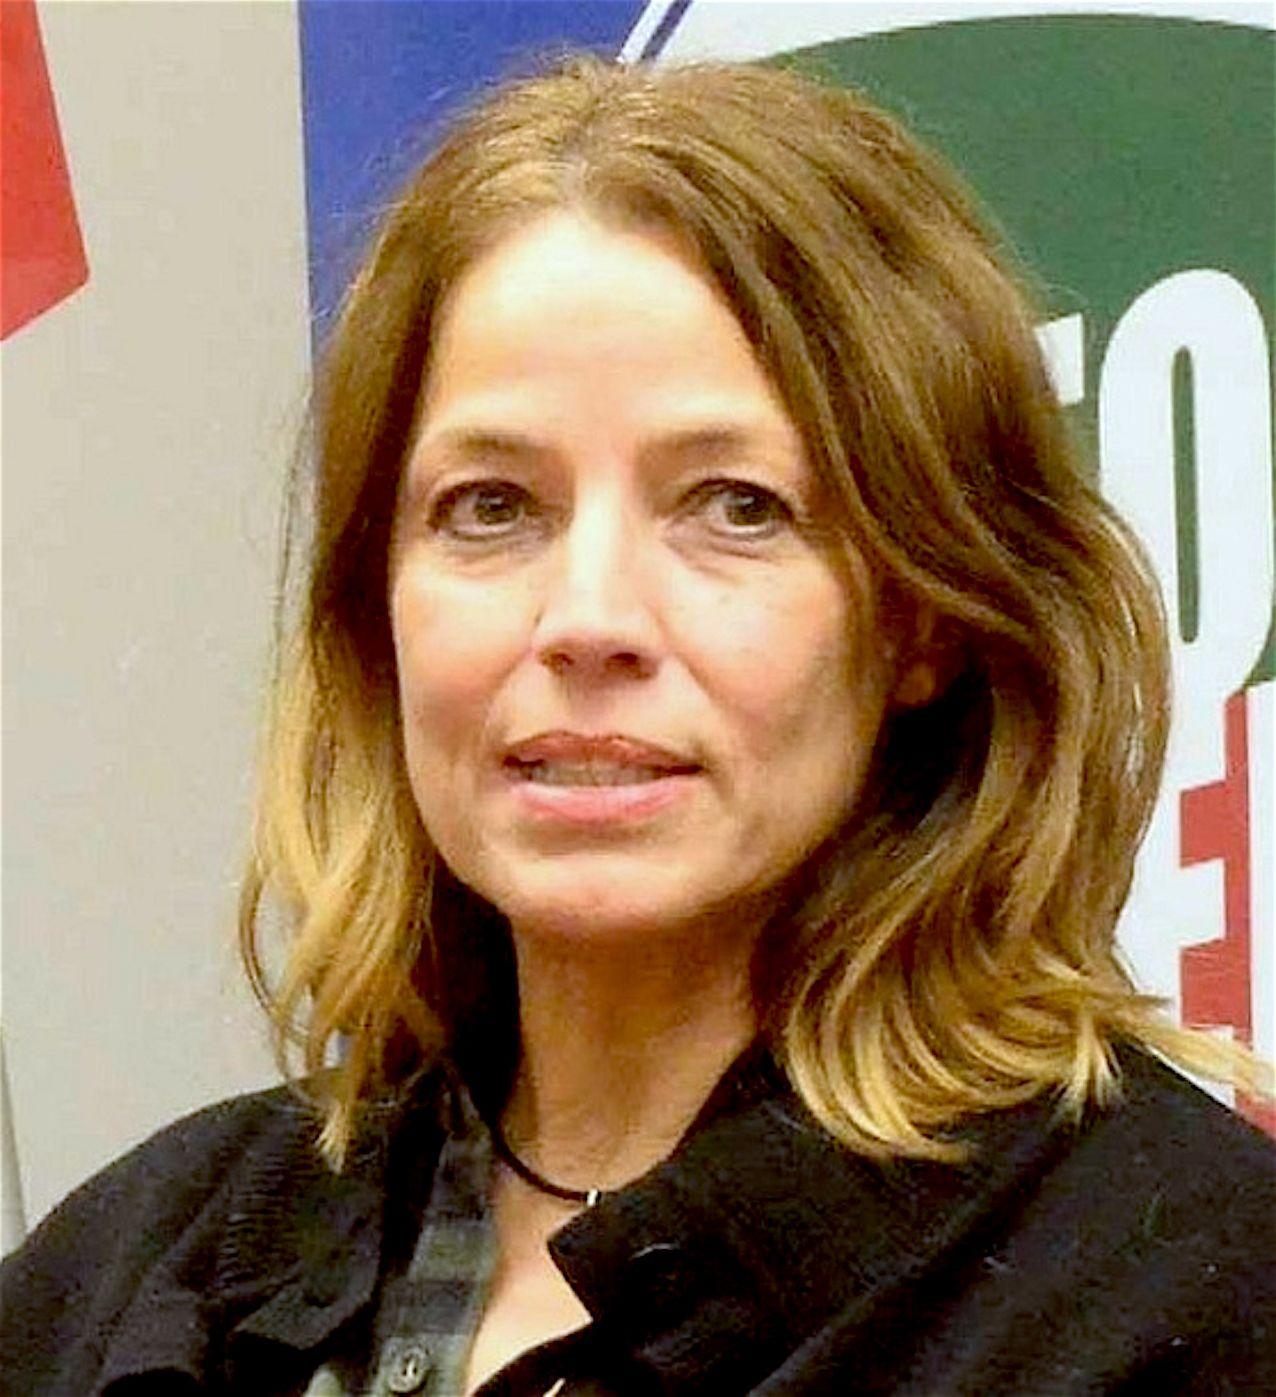 Elisabetta Gardini